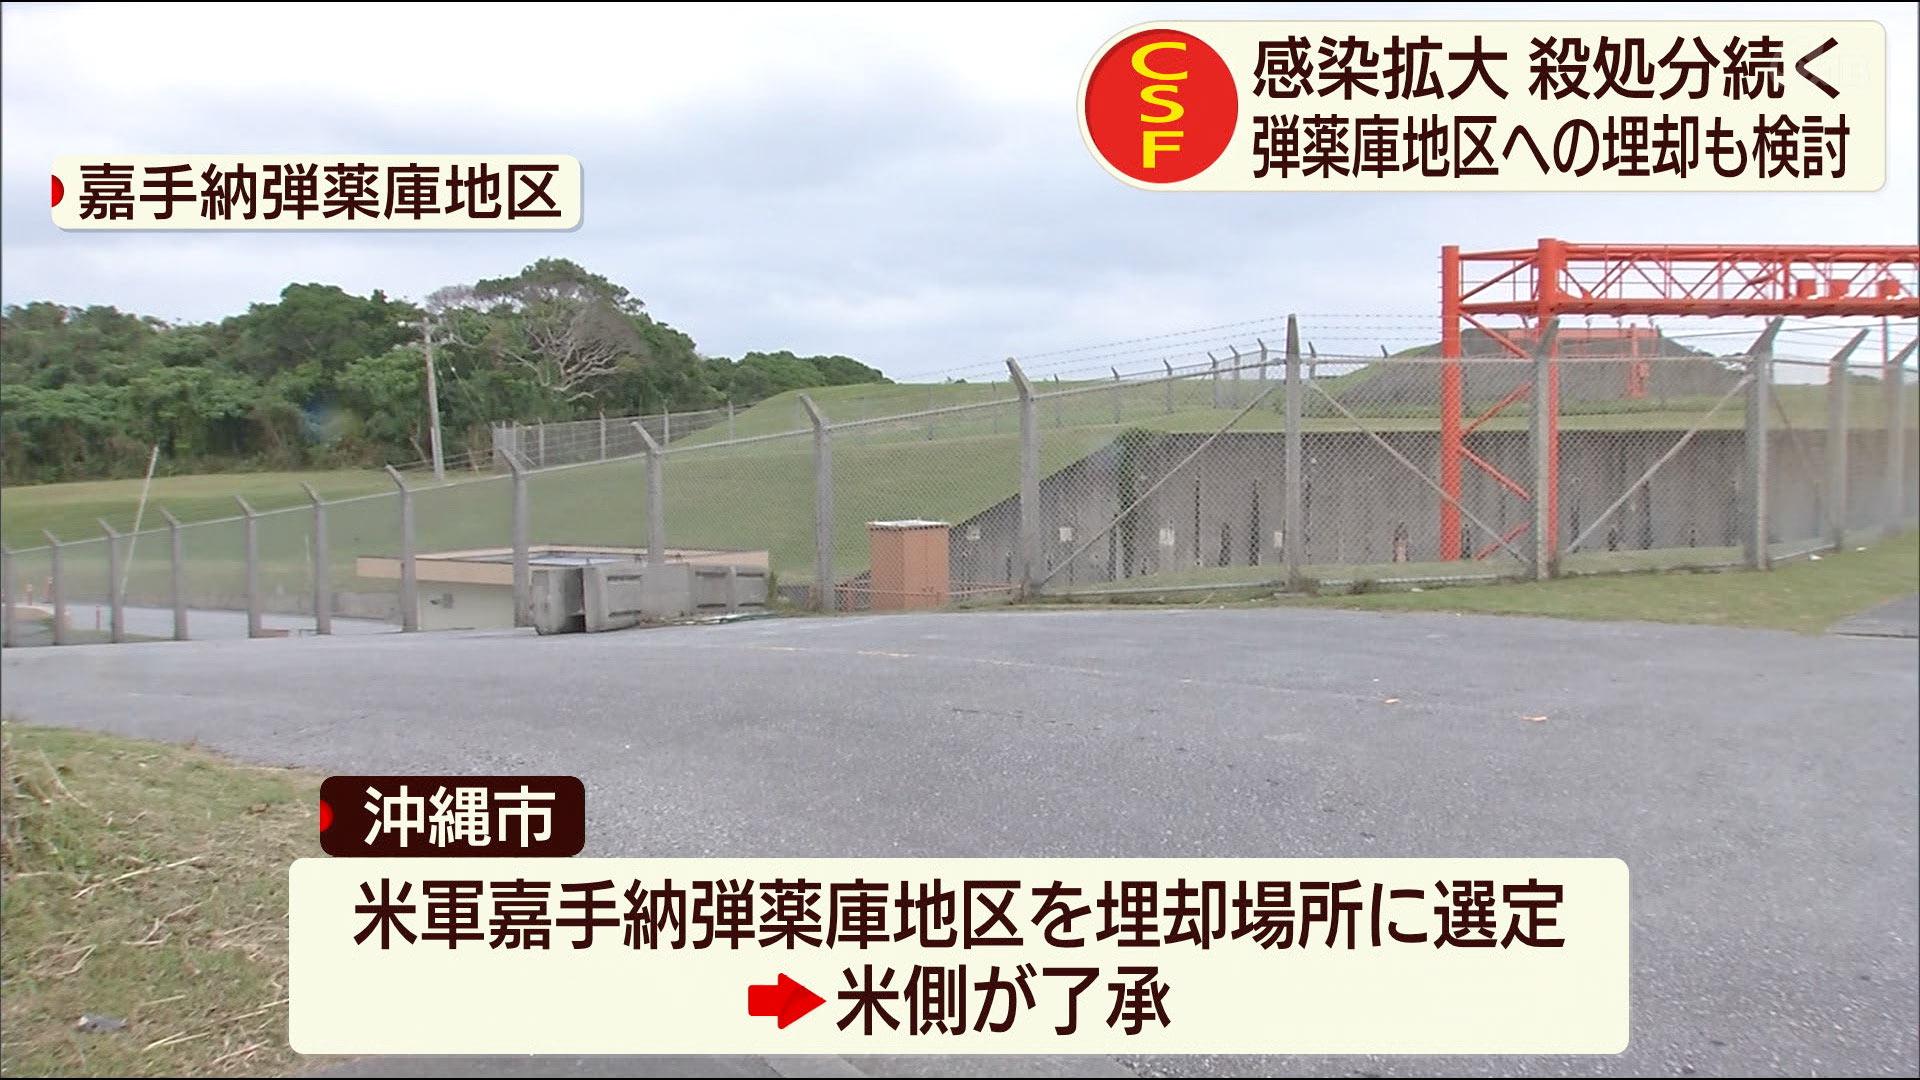 豚コレラ感染拡大 嘉手納弾薬庫への埋却も検討